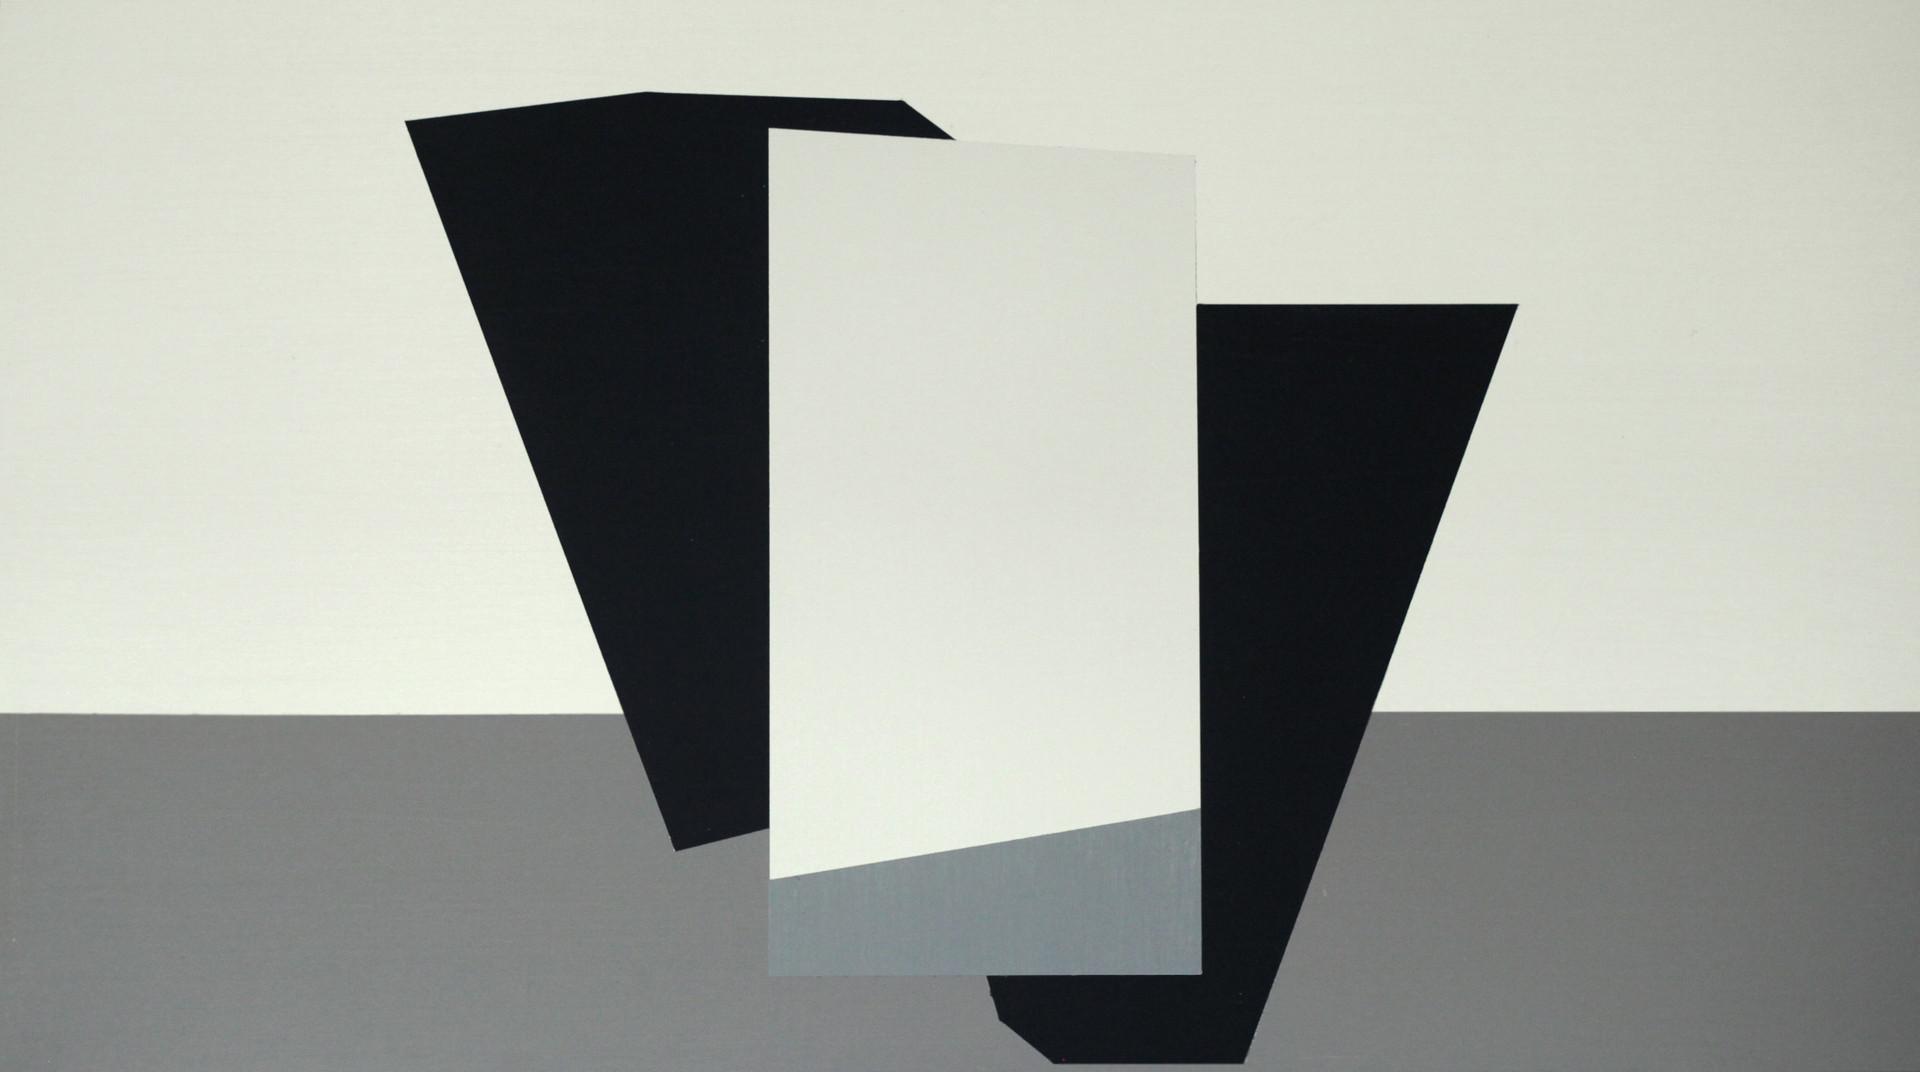 Plet, oil on board, 73 x 40.8 cm, 2020